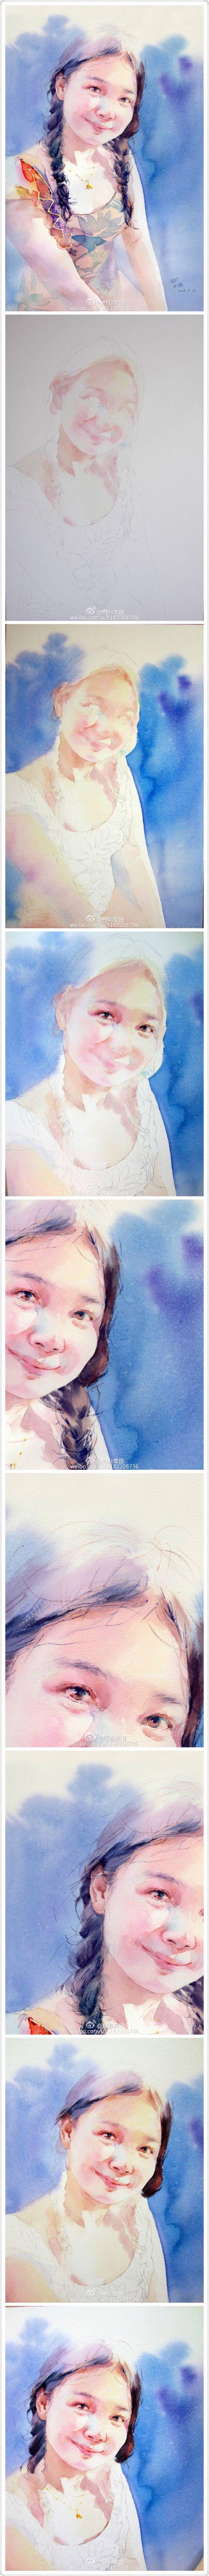 微博晚安水彩的学生作品水彩教程